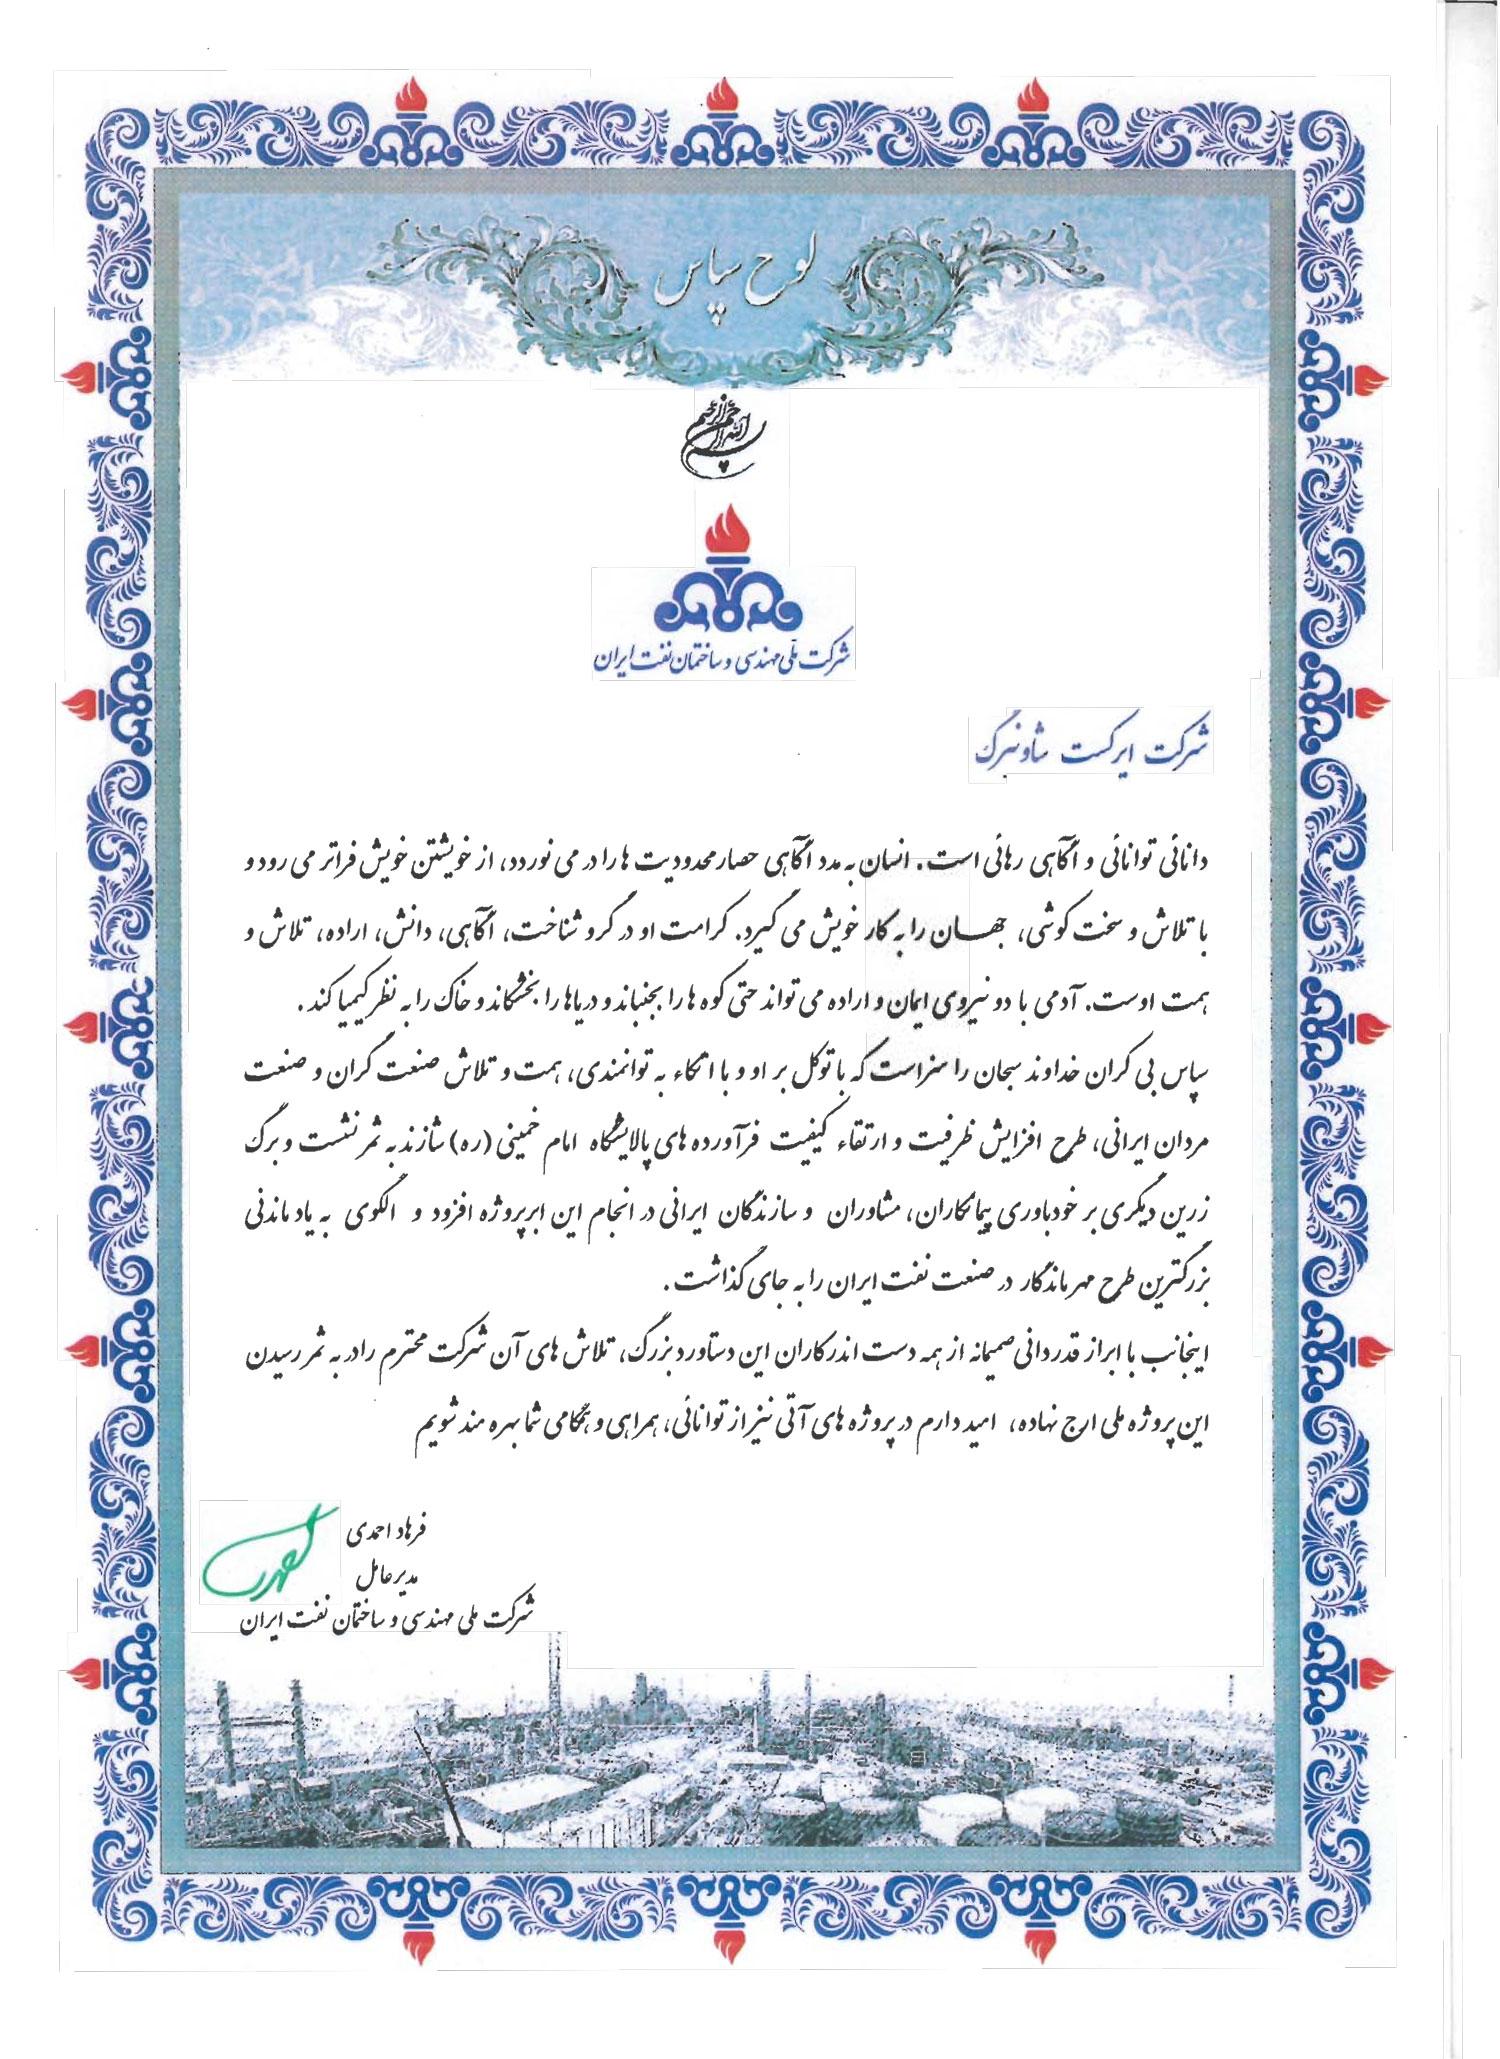 تقدیر نامه شرکت ملی مهندسی و ساختمان نفت ایران